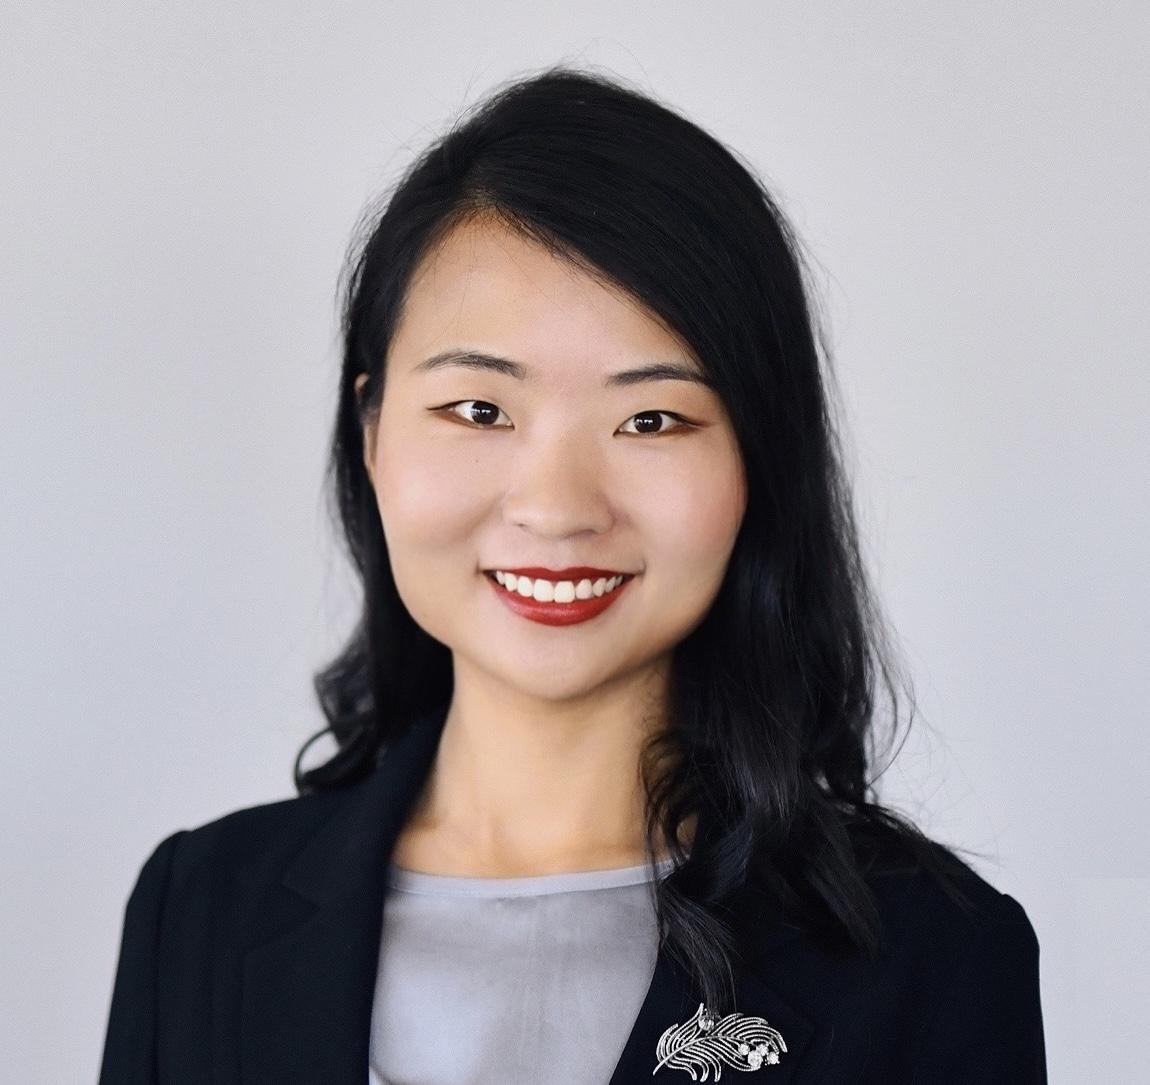 Yixuan's bio photo